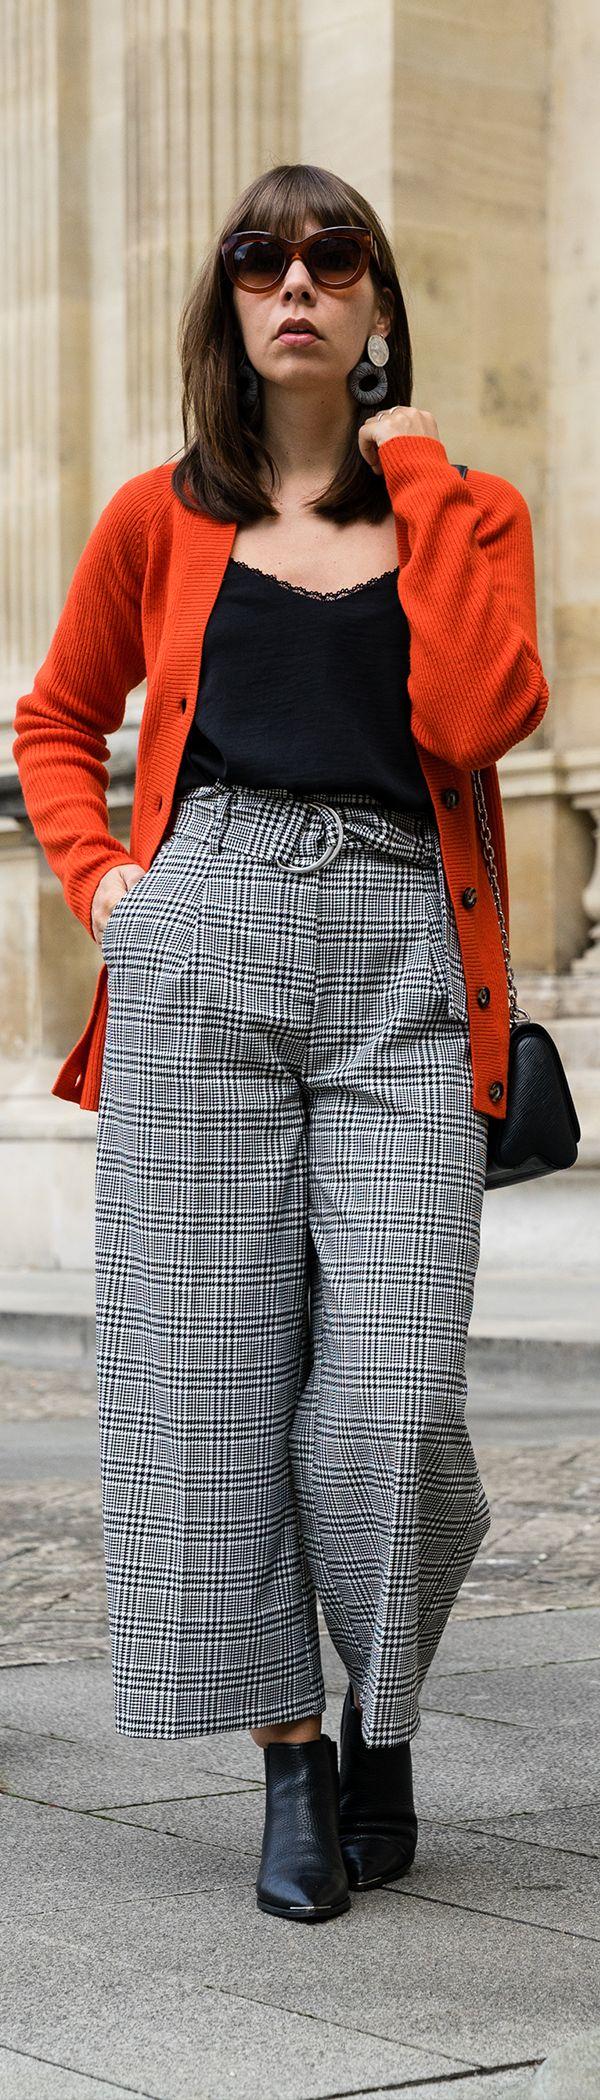 Ein Culotte Outfit ist schnell und einfach gestylt und eine tolle Wahl für den Herbst. Ein Hosenrock mit Hahnentritt-Muster von Asos wird hier mit einem Ganni Cardigan und einem Camisole ergänzt.